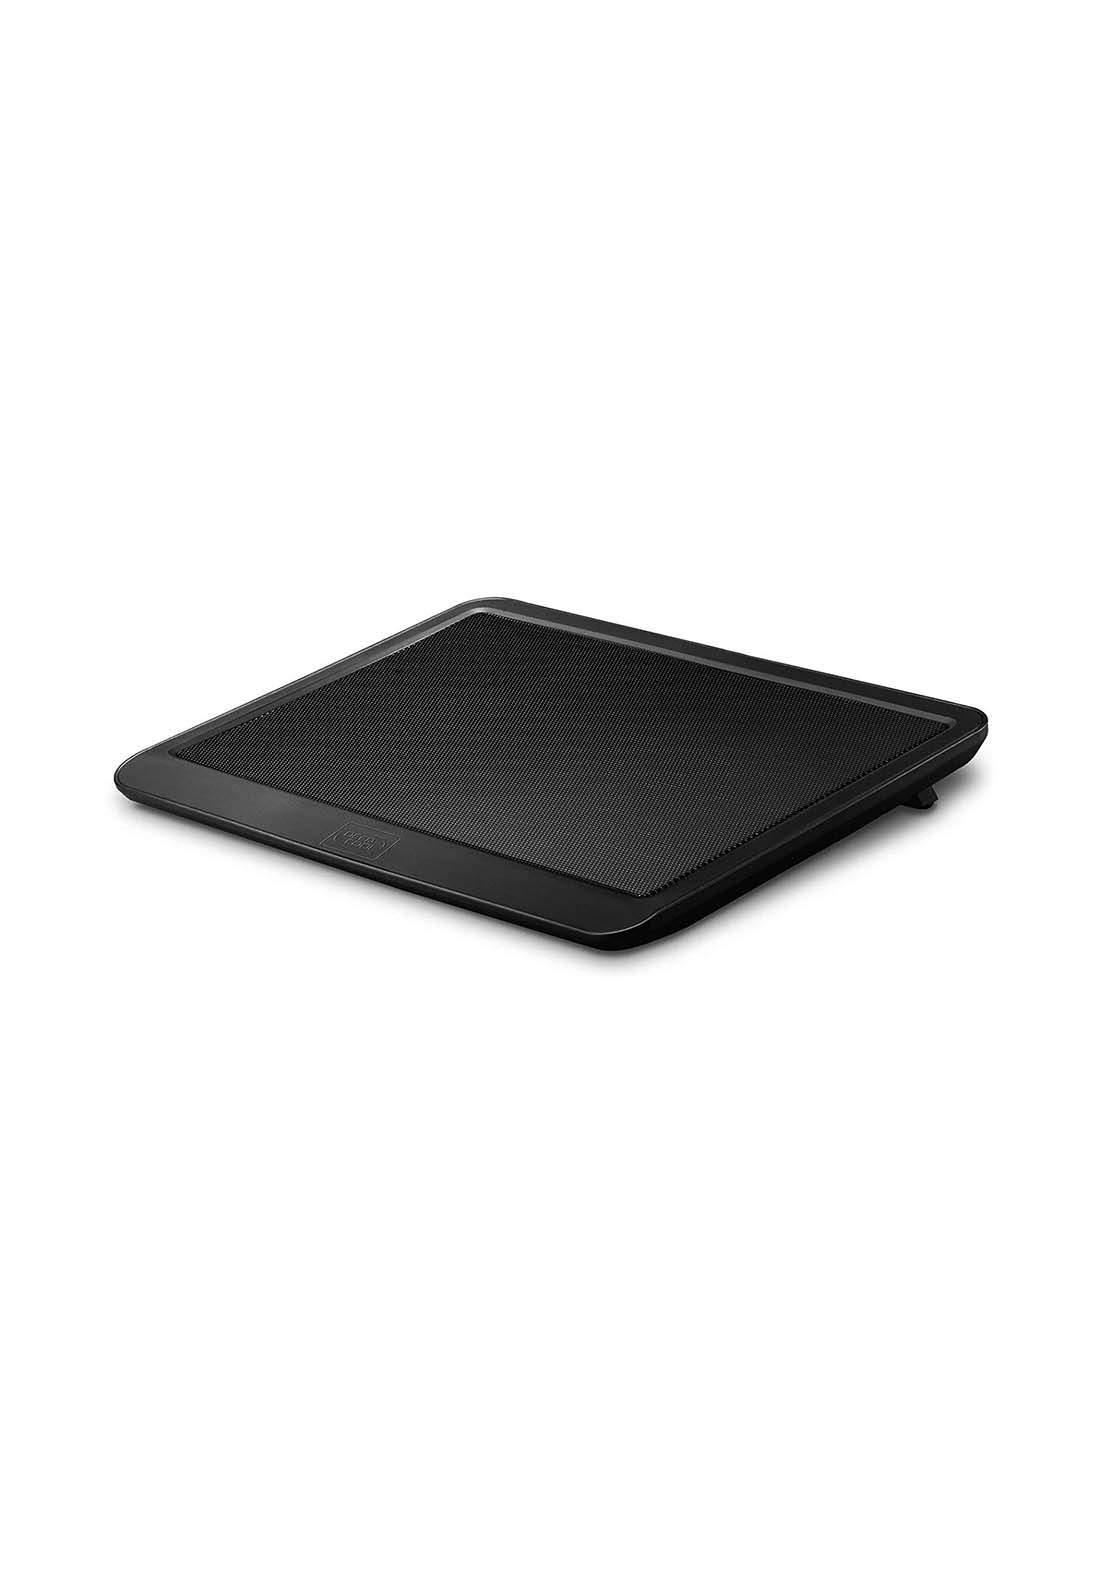 Deepcool N19 Laptop Cooling Pad - Black